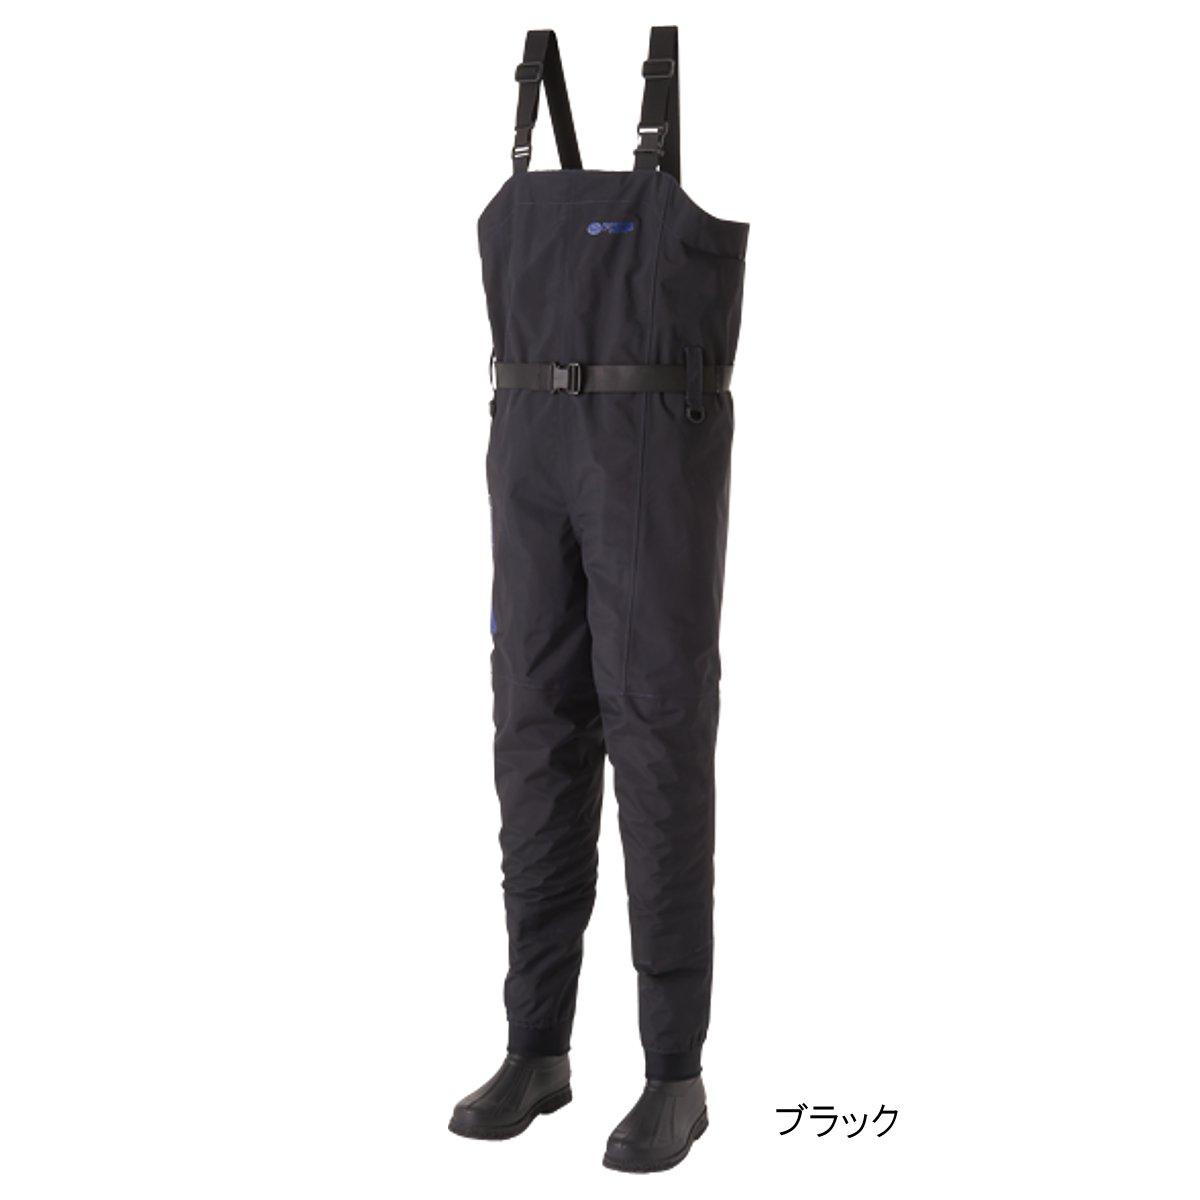 RBB タイドウォーカーIII No.8784 L ブラック(東日本店)